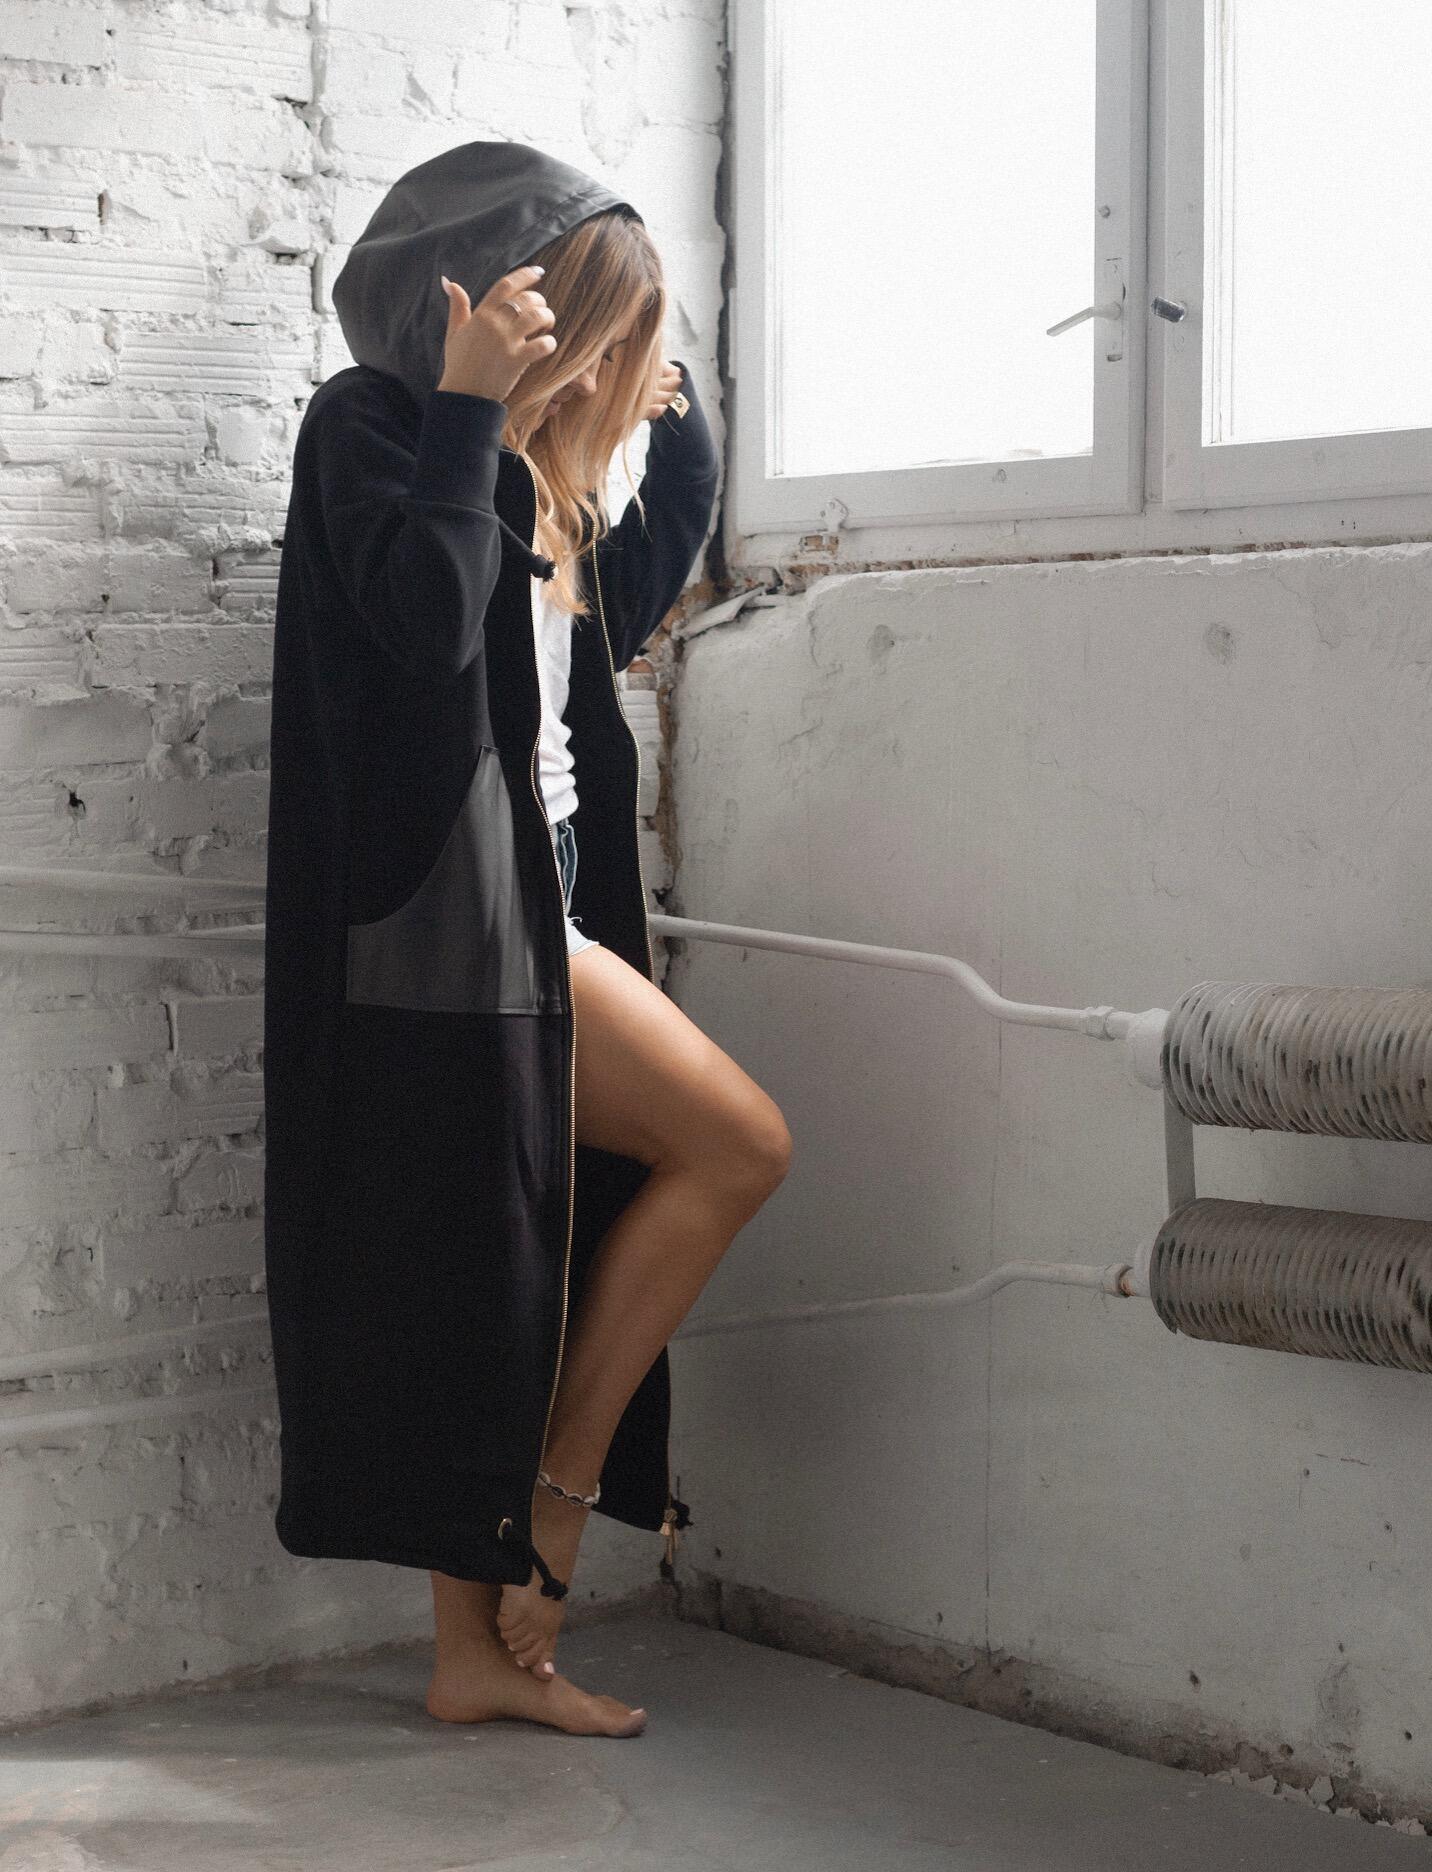 Bluza/Płaszcz QR Black - RUUDE   JestemSlow.pl